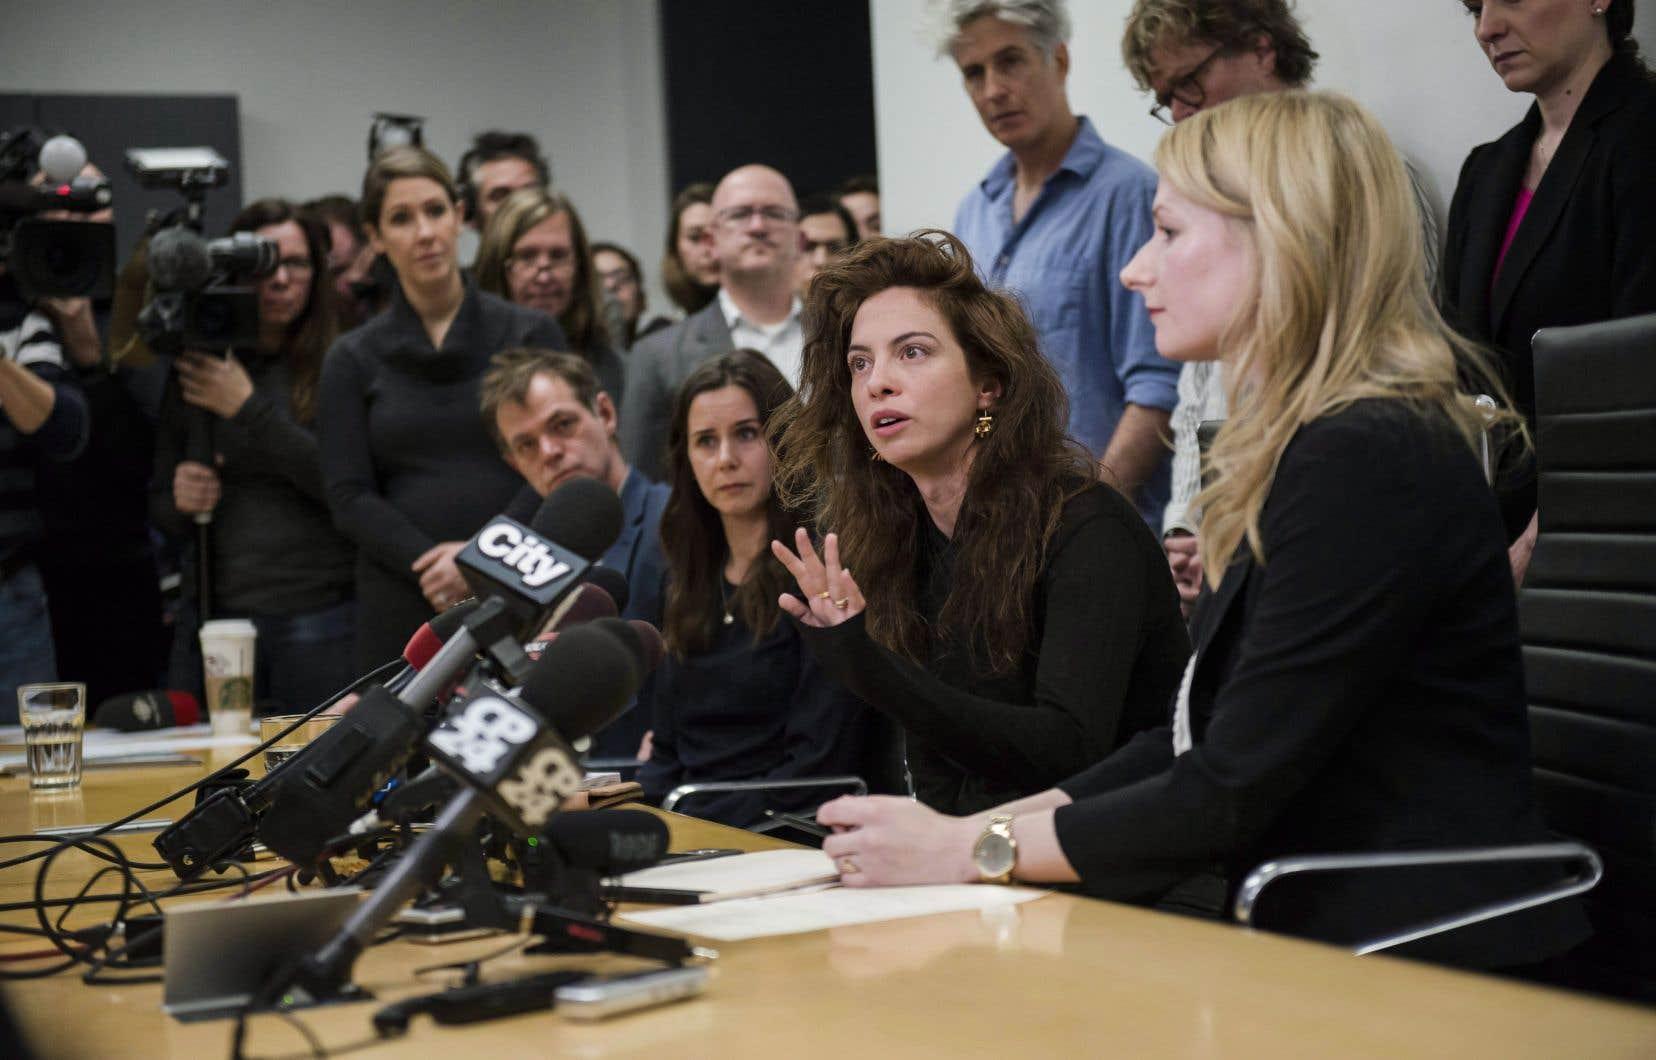 Des actrices s'adressent à la presse le 4 janvier dernier, après avoir déposé des plaintes contre le fondateur et directeur artistique du théâtre, Albert Schultz.